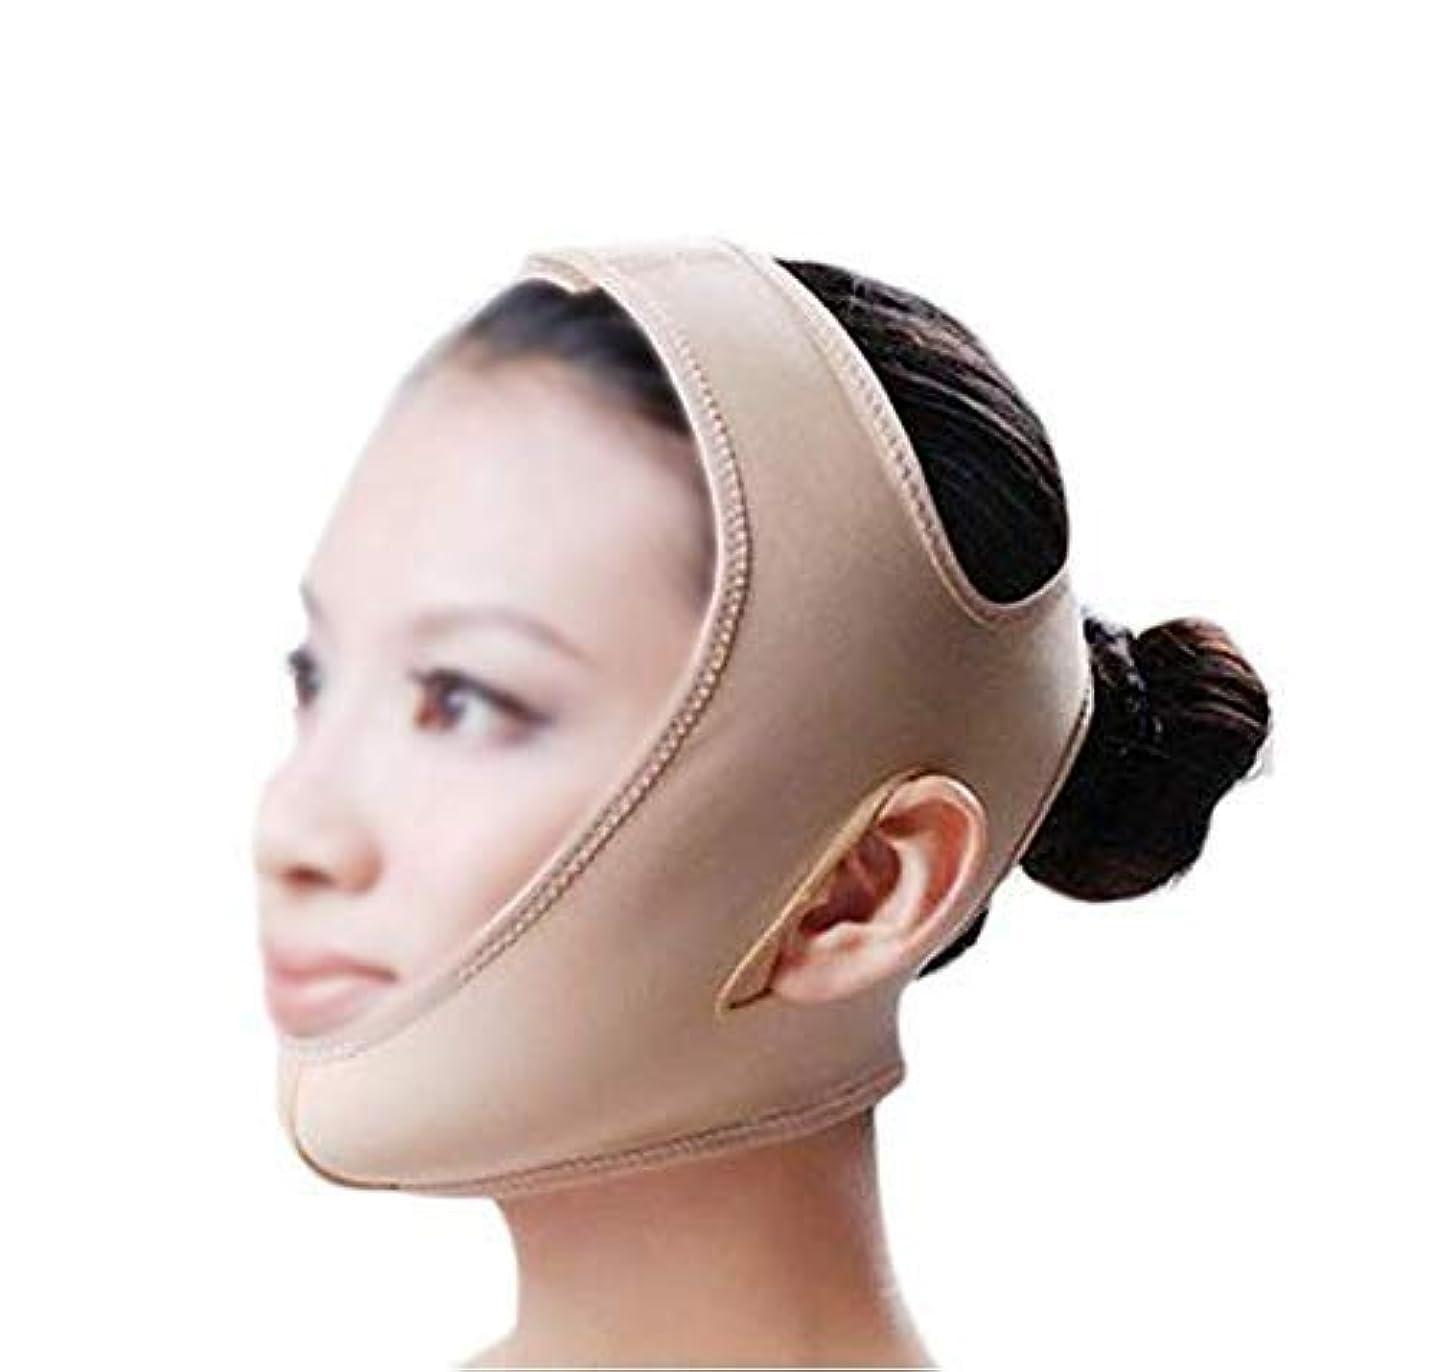 ファーミングフェイスマスク、マスクフェイスマスク美容医学フェイスマスク美容Vフェイス包帯ライン彫刻リフティングファーミングダブルチンマスク(サイズ:S),Xl